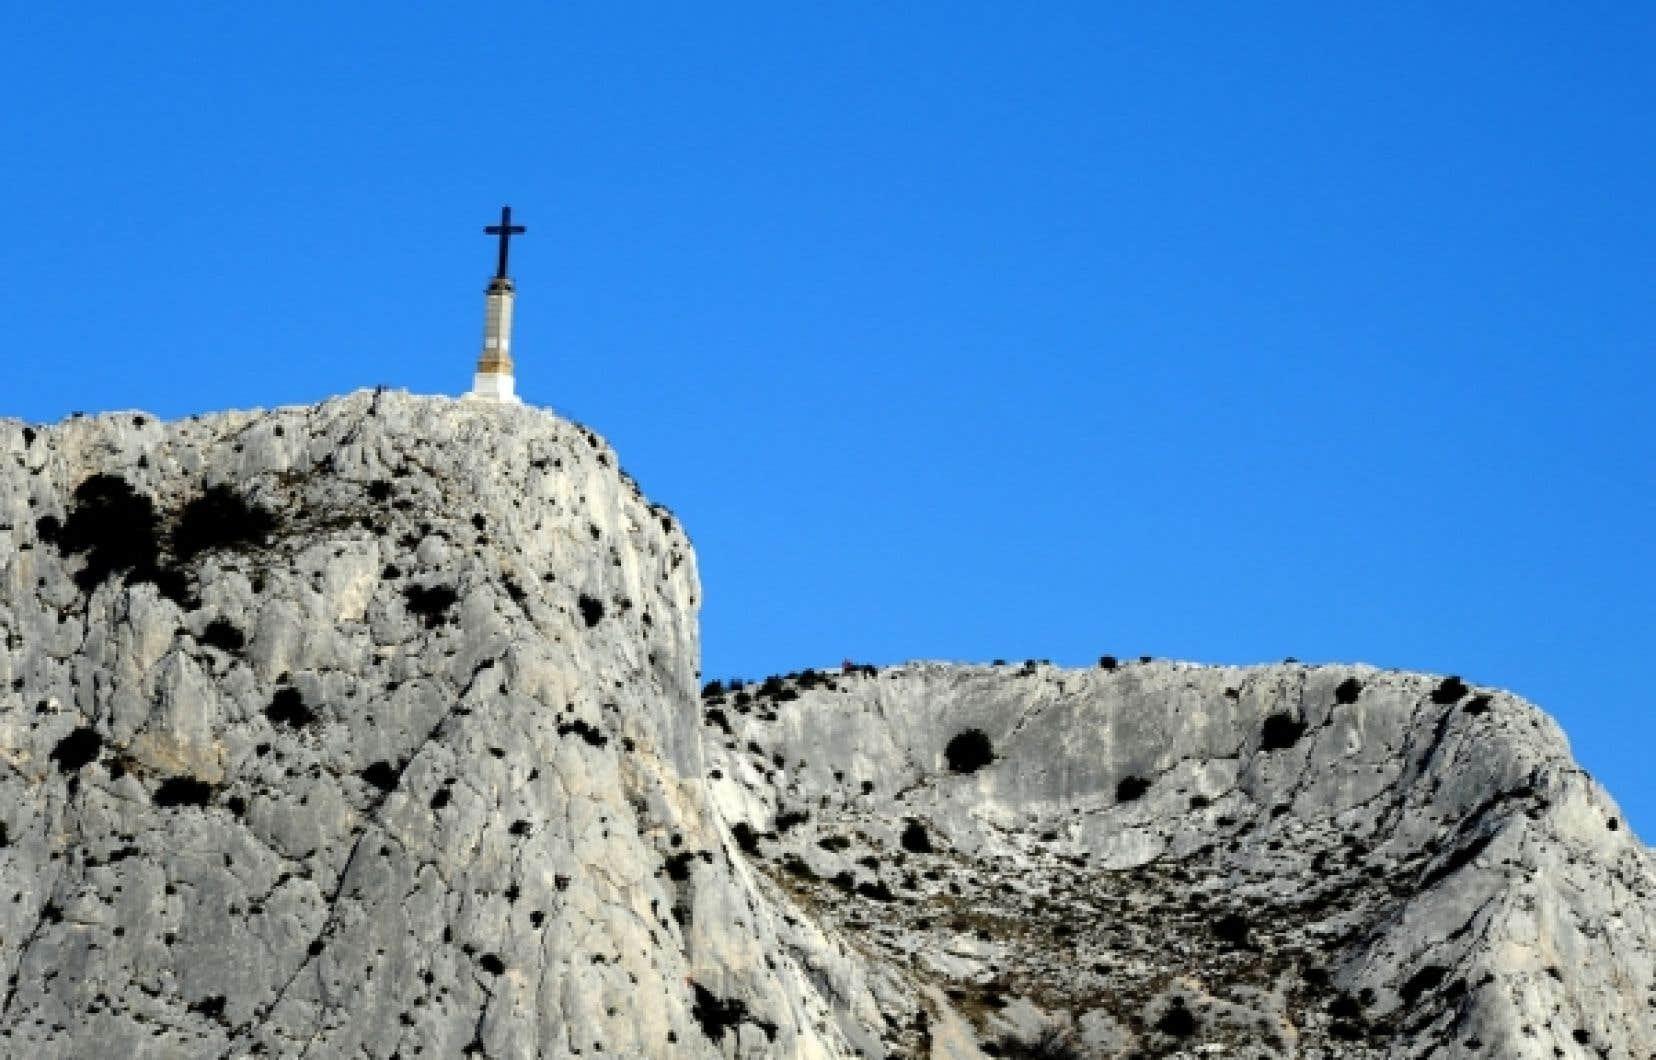 Il est possible de monter sur la montagne Sainte-Victoire, tout près d'Aix-en-Provence.